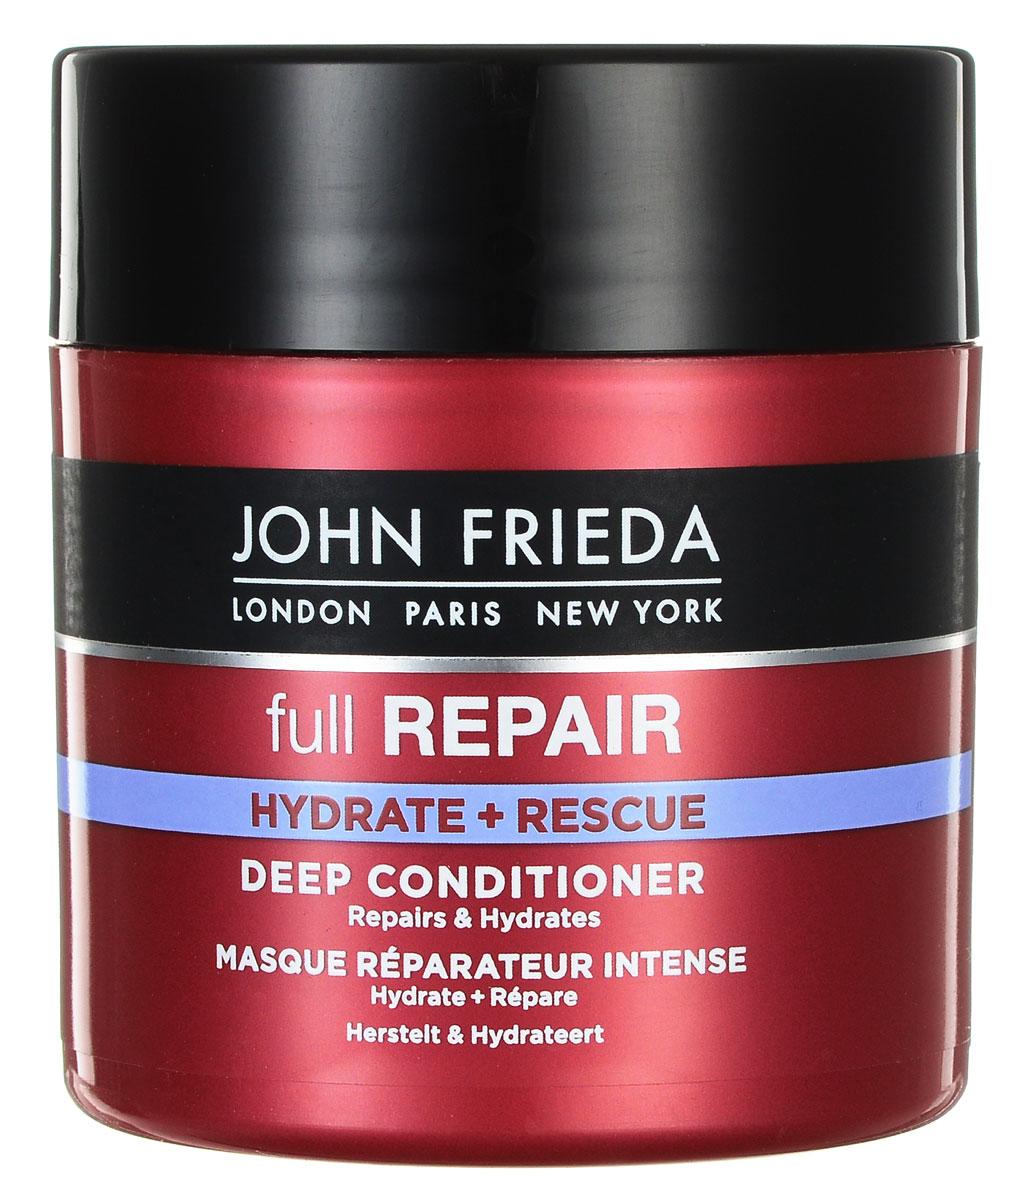 John Frieda Маска для волос Full Repair, восстанавливающая и увлажняющая, 150 мл1738225_черный, красныйИнтенсивная восстанавливающая формула маски для волос Full Repair от John Frieda с драгоценным маслом Инка Инчи проникает глубоко в структуру волос б восстанавливает внешний вид и состояние поврежденных волос, предотвращая их ломкость. Товар сертифицирован.